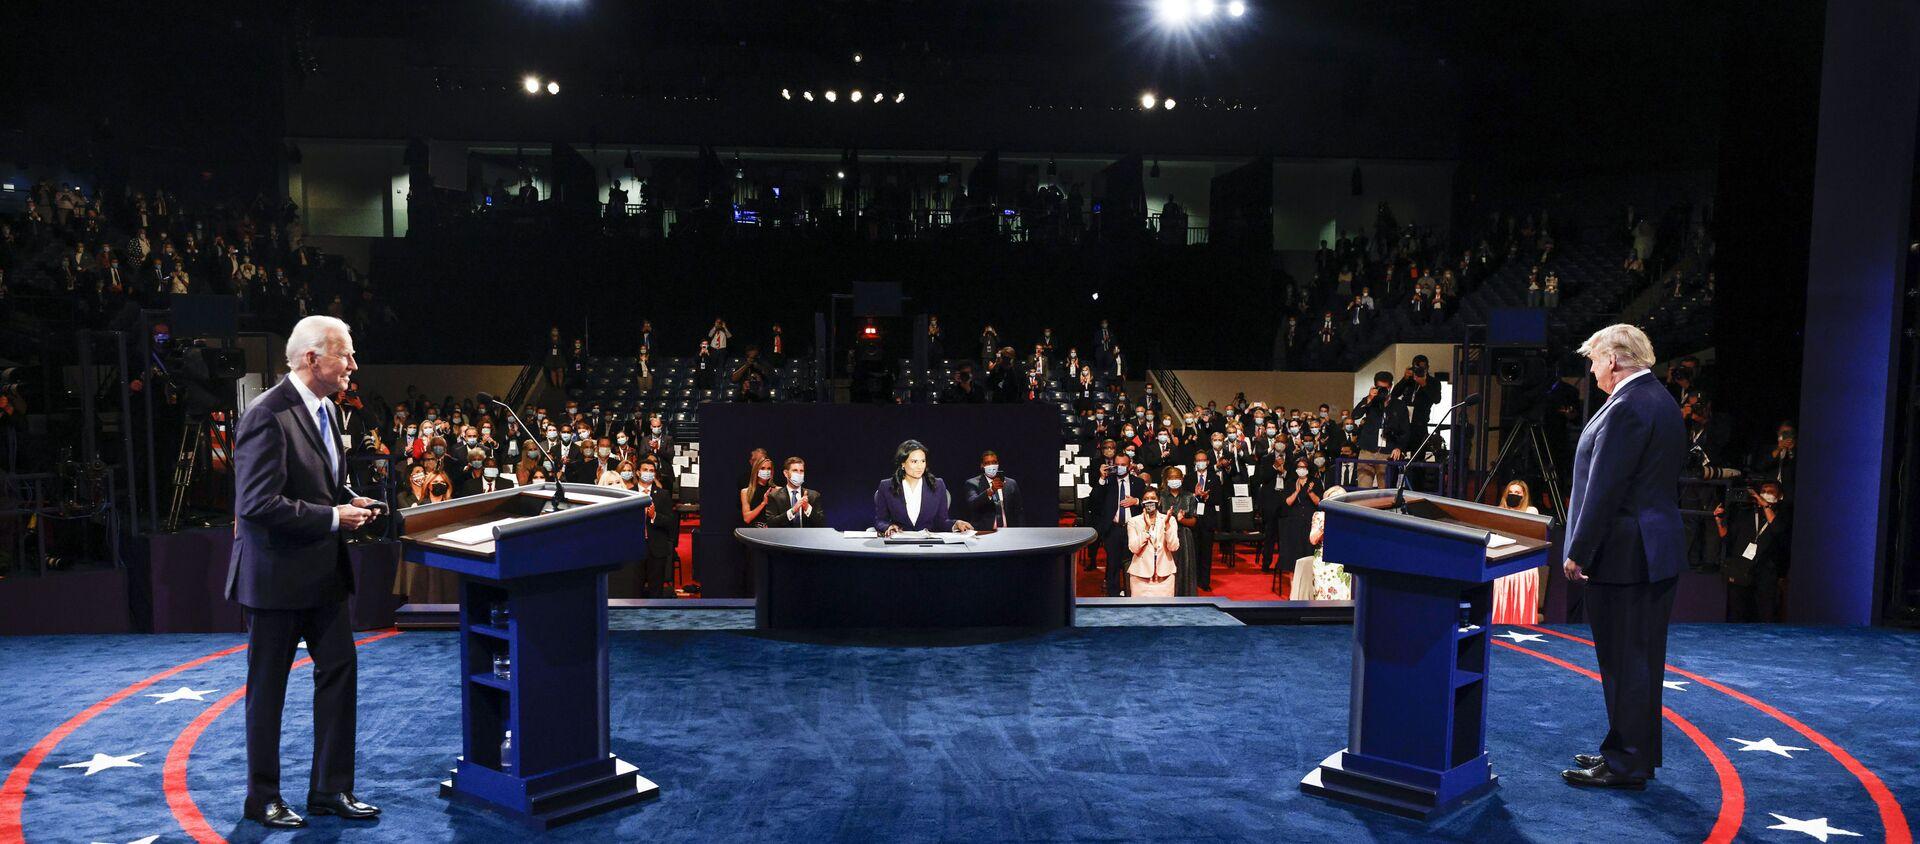 Ứng cử viên tổng thống Mỹ Joe Biden và Tổng thống Mỹ Donald Trump trong cuộc tranh luận cuối cùng. - Sputnik Việt Nam, 1920, 10.09.2021